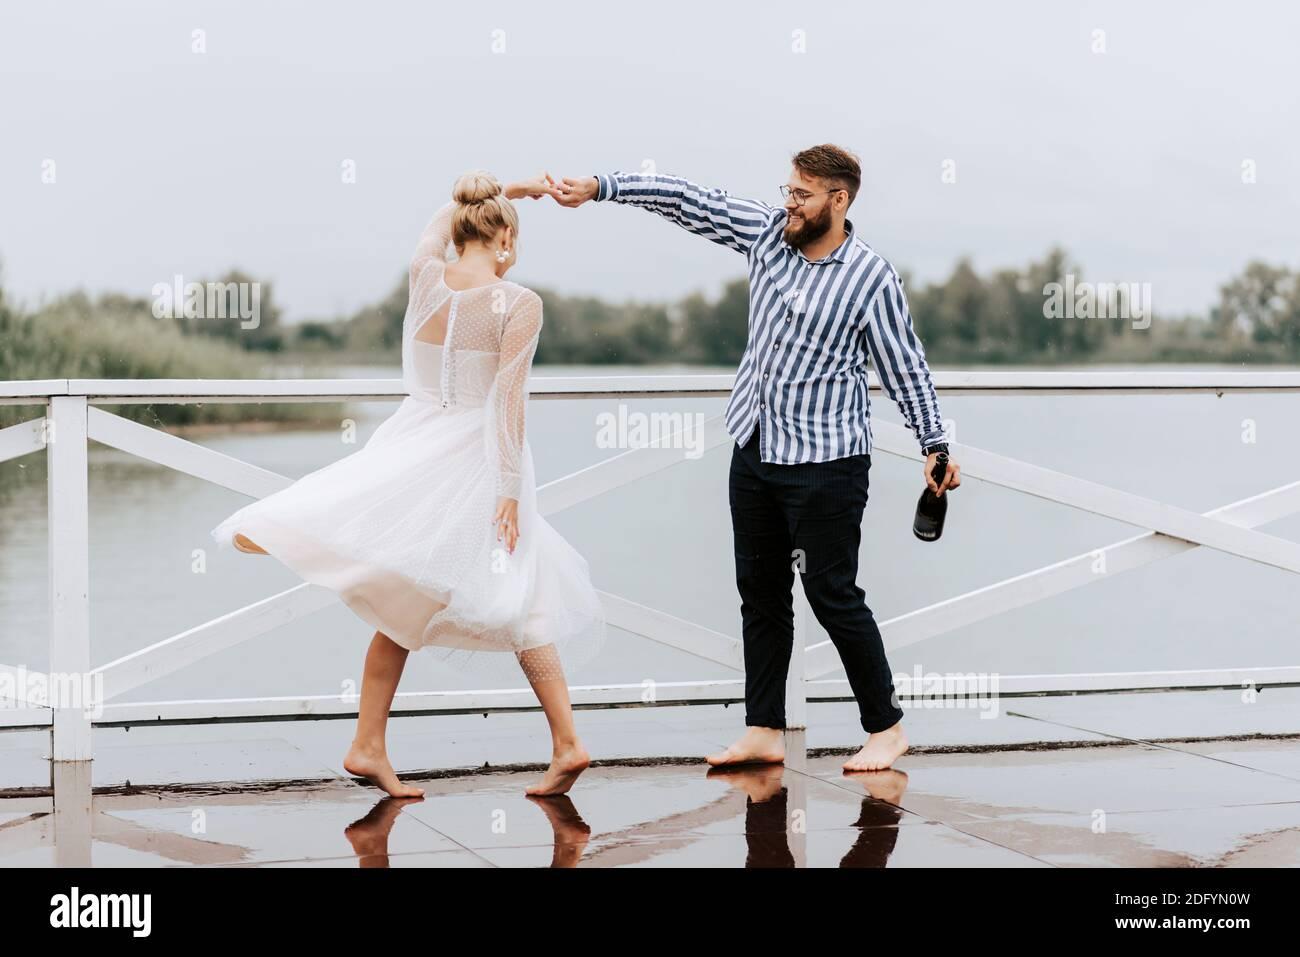 Ein Mann und eine Frau tanzen barfuß und haben Spaß auf dem Kai am See. Stockfoto